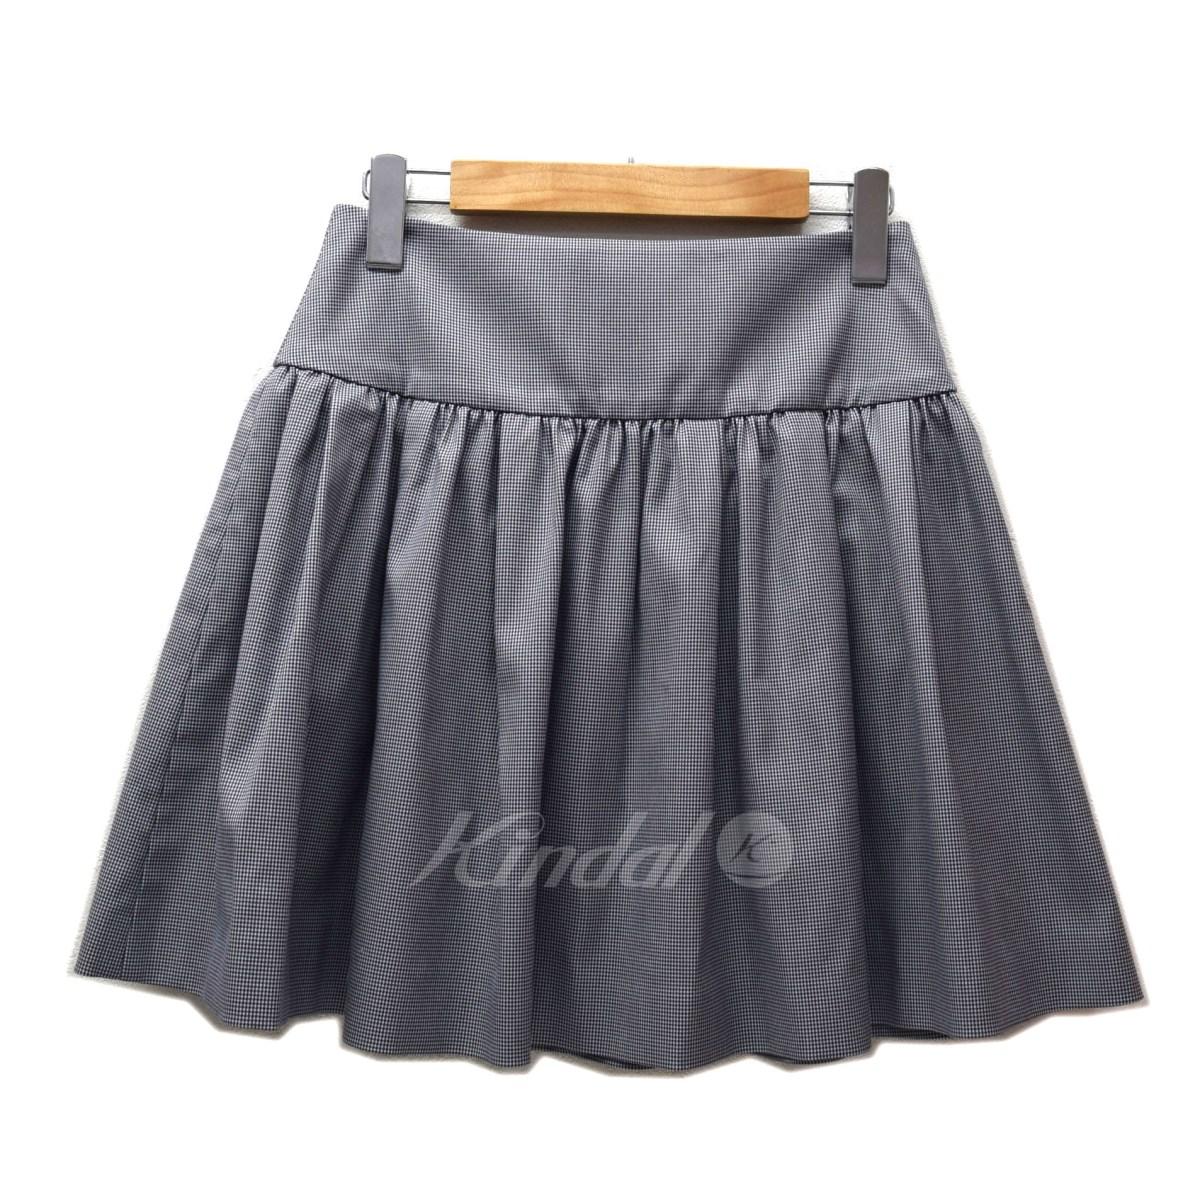 【中古】RED VALENTINO 千鳥格子スカート 【送料無料】 【001198】 【KIND1550】